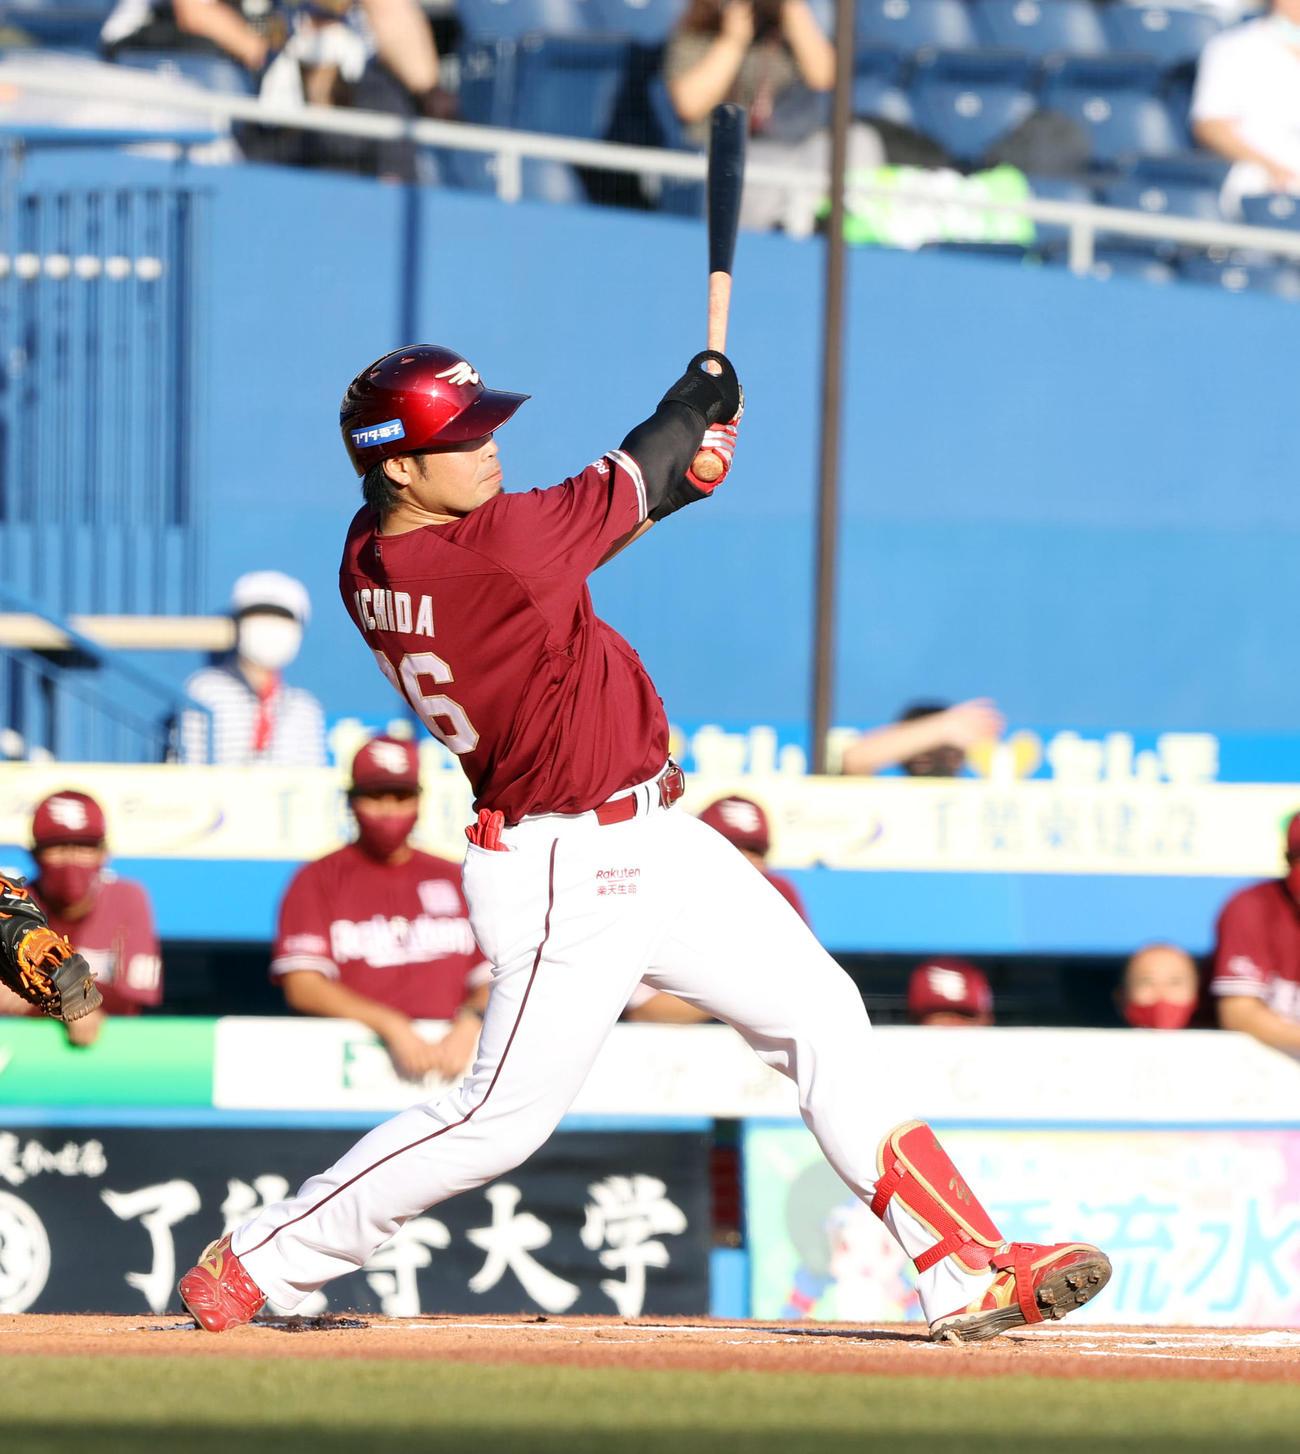 ロッテ対楽天 1回表楽天2死満塁、中越え満塁本塁打を放つ内田(撮影・垰建太)